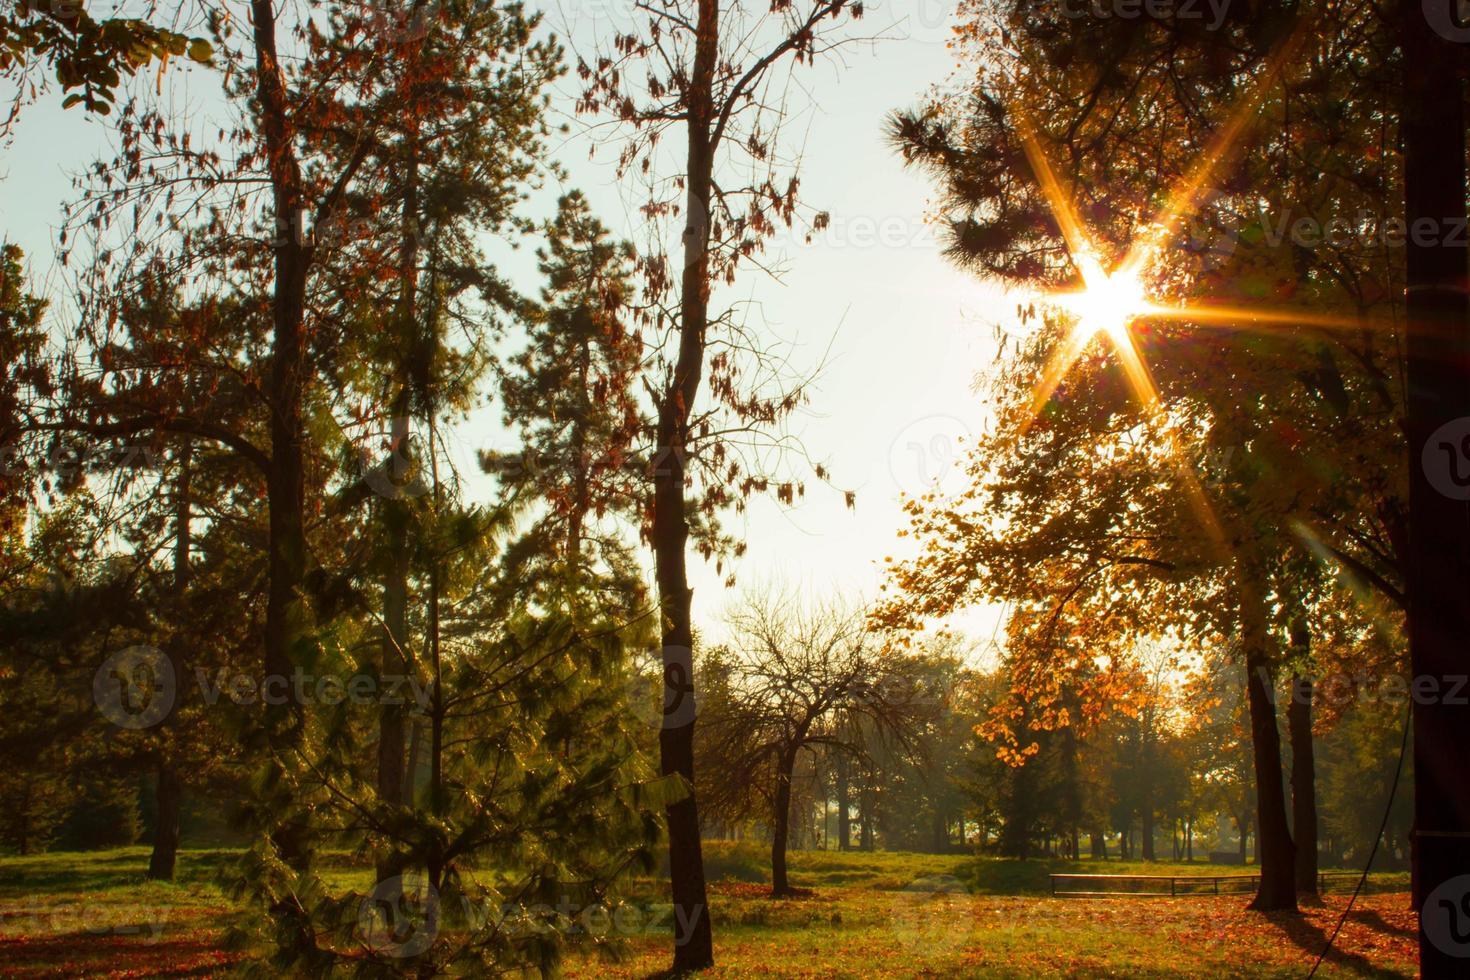 zonnevlam achter de boomtop in het park foto